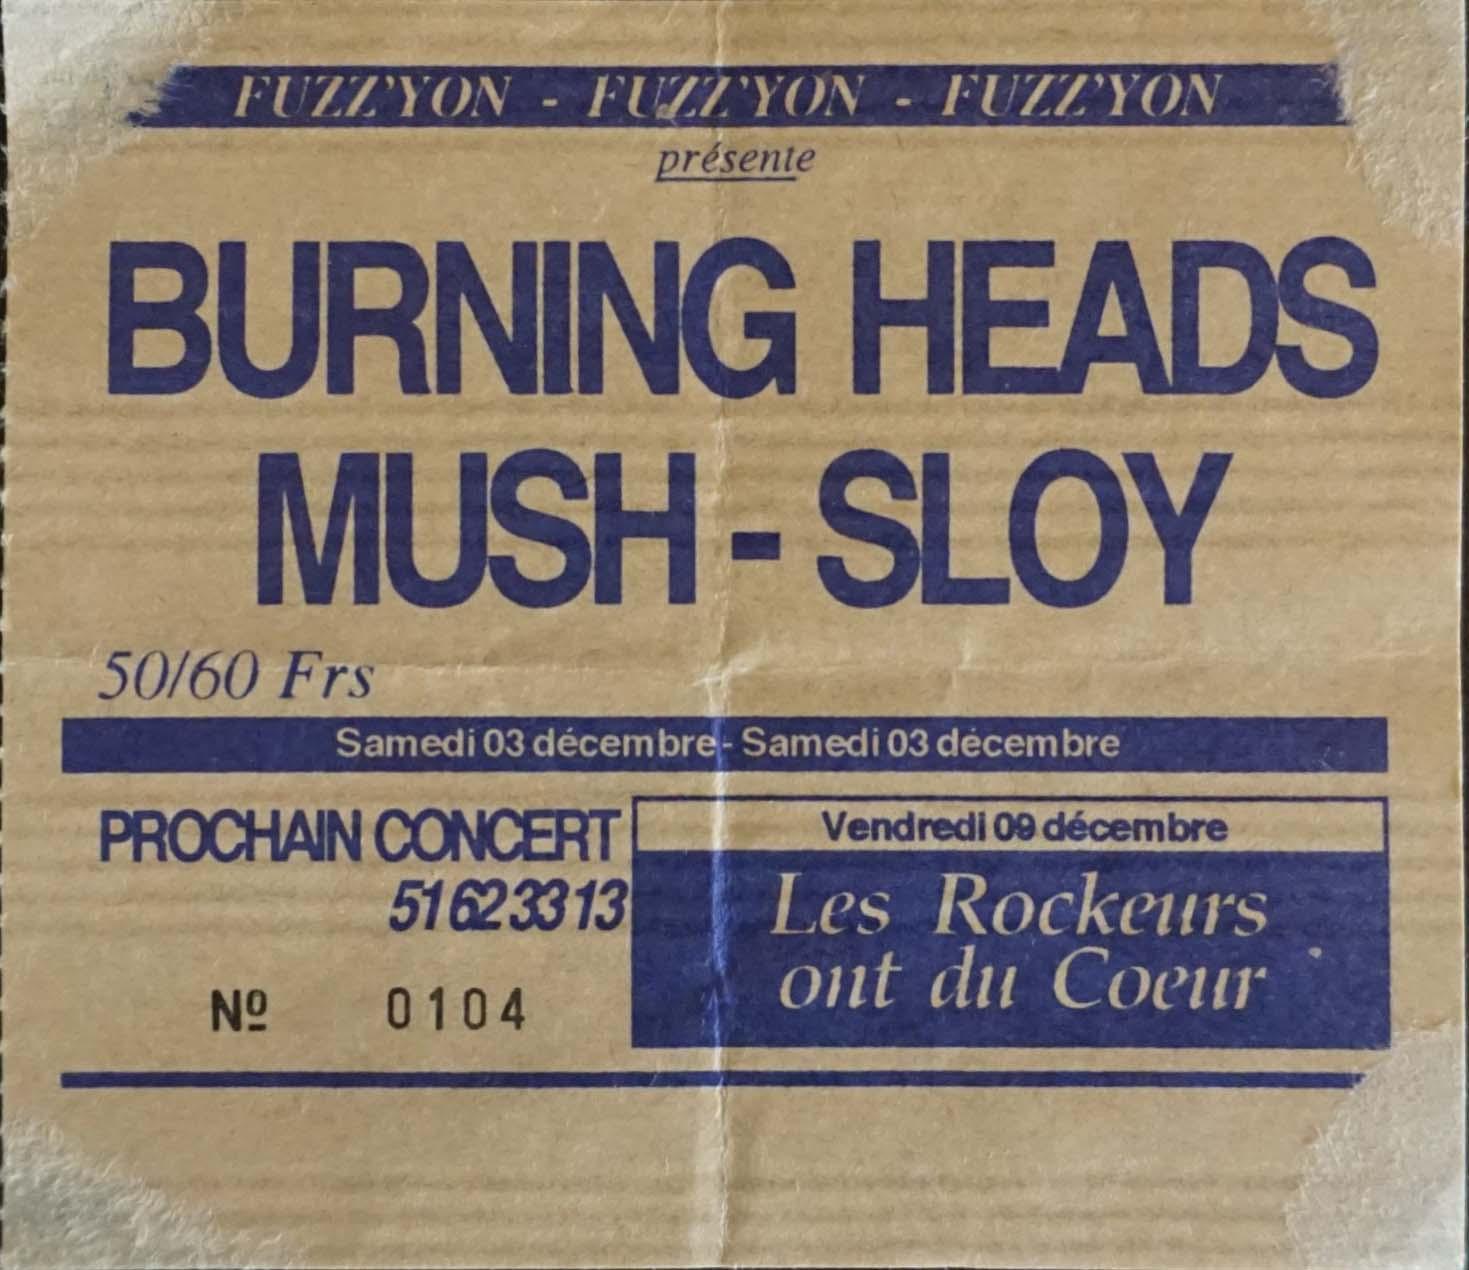 3 Décembre 1994 Sloy, Mush, Burning Heads à La Roche sur Yon